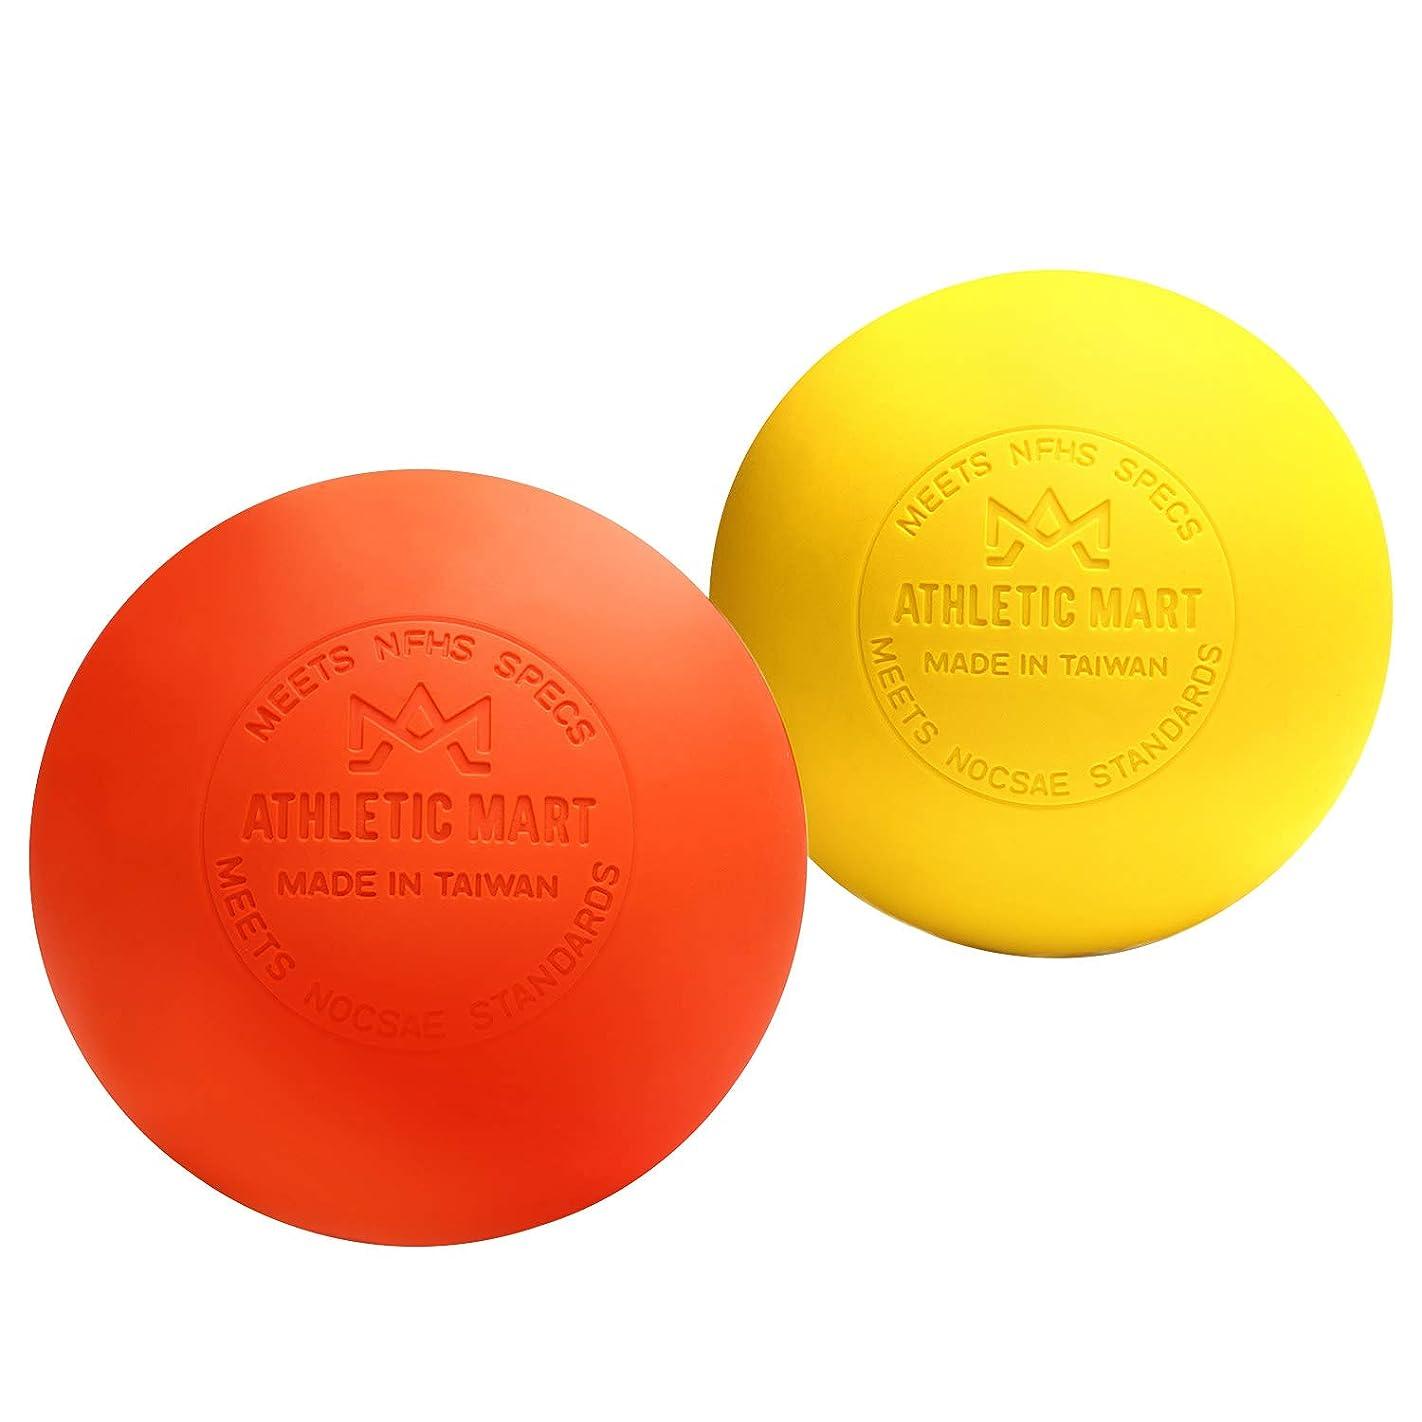 ぼんやりした王子ラフレシアアルノルディATHLETIC MART マッサージボール 2個セット ラクロスボール ストレッチボール トリガーポイント 筋膜リリース 首?腰?太もも?ふくらはぎ?足裏ツボ押し オレンジ×イエロー